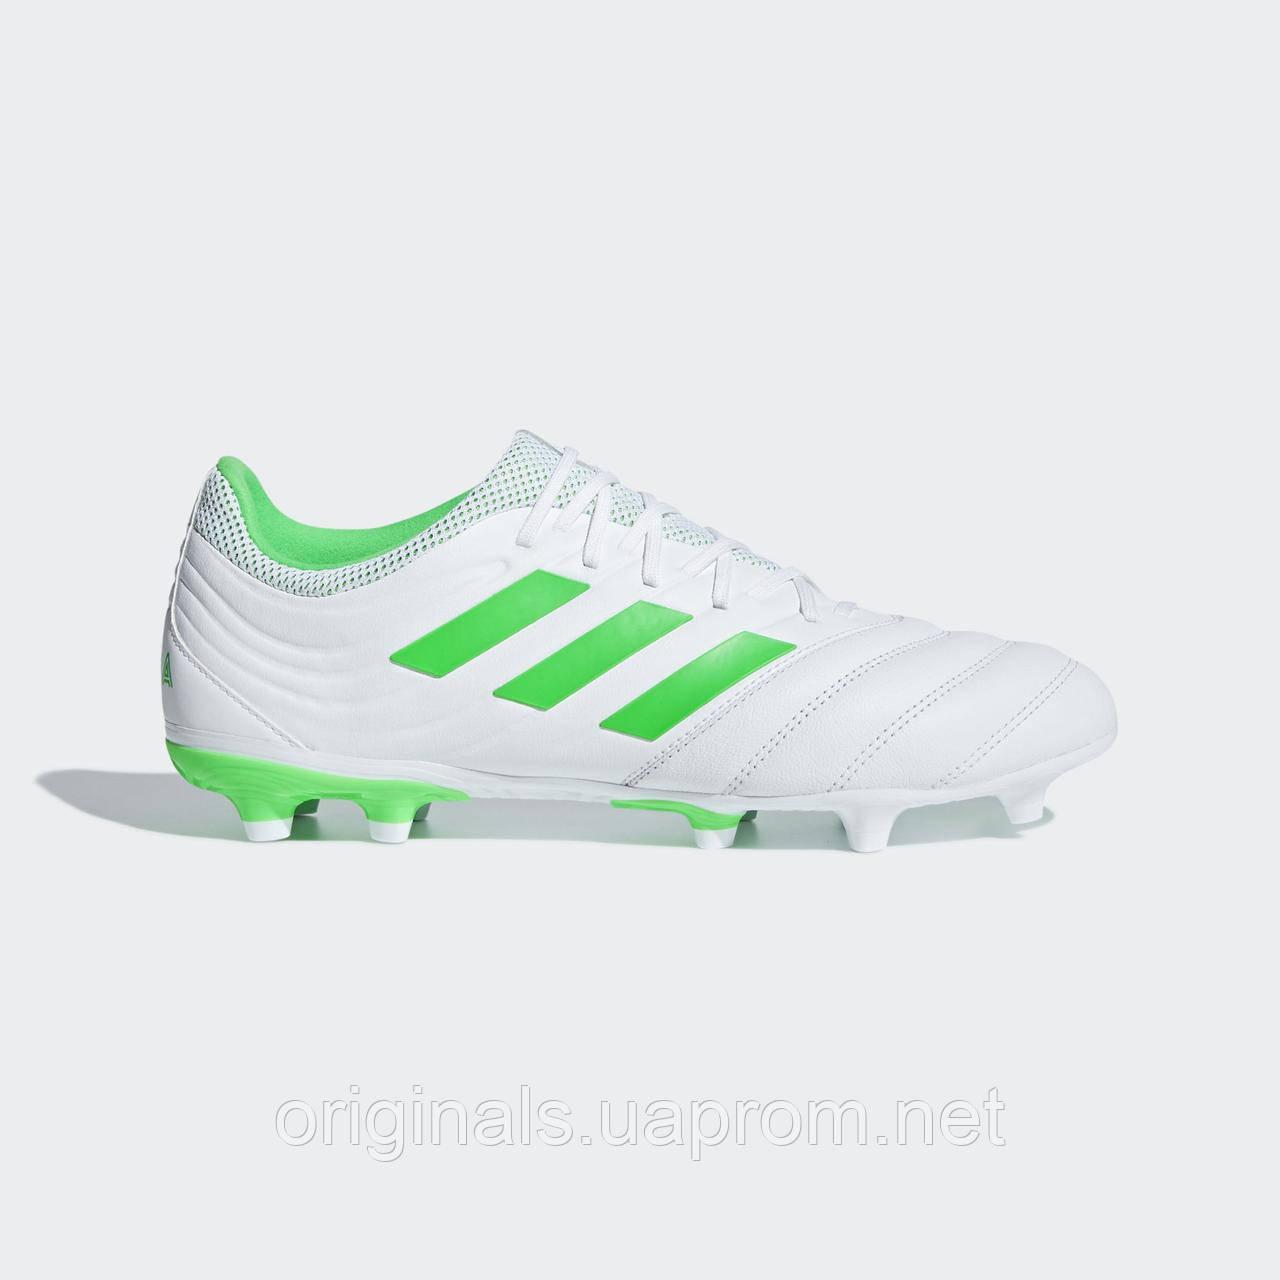 e66cb96b Футбольные бутсы Adidas Copa 19.3 FG BB9188 - 2019 - интернет-магазин  Originals - Оригинальный